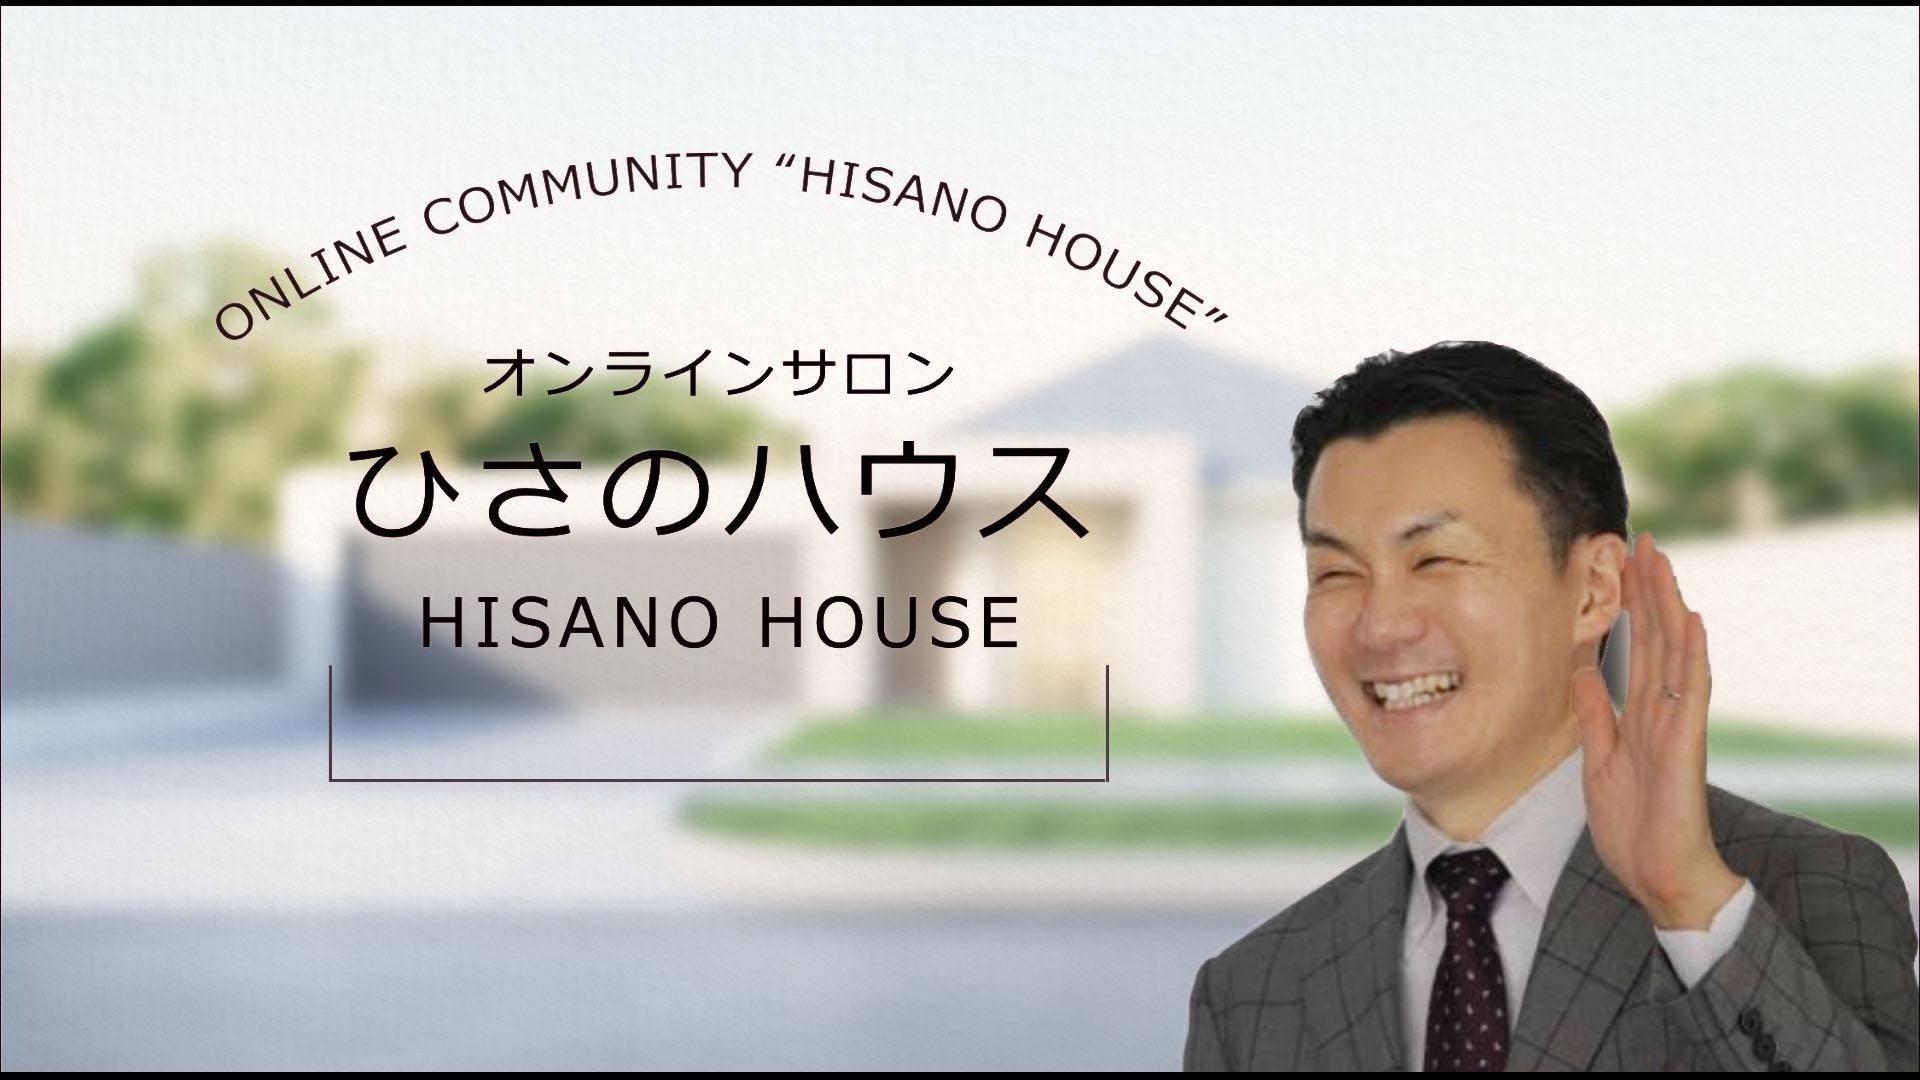 第4期ひさのハウス 教えて久野さん!毎日が楽しくなるフィードフォワード